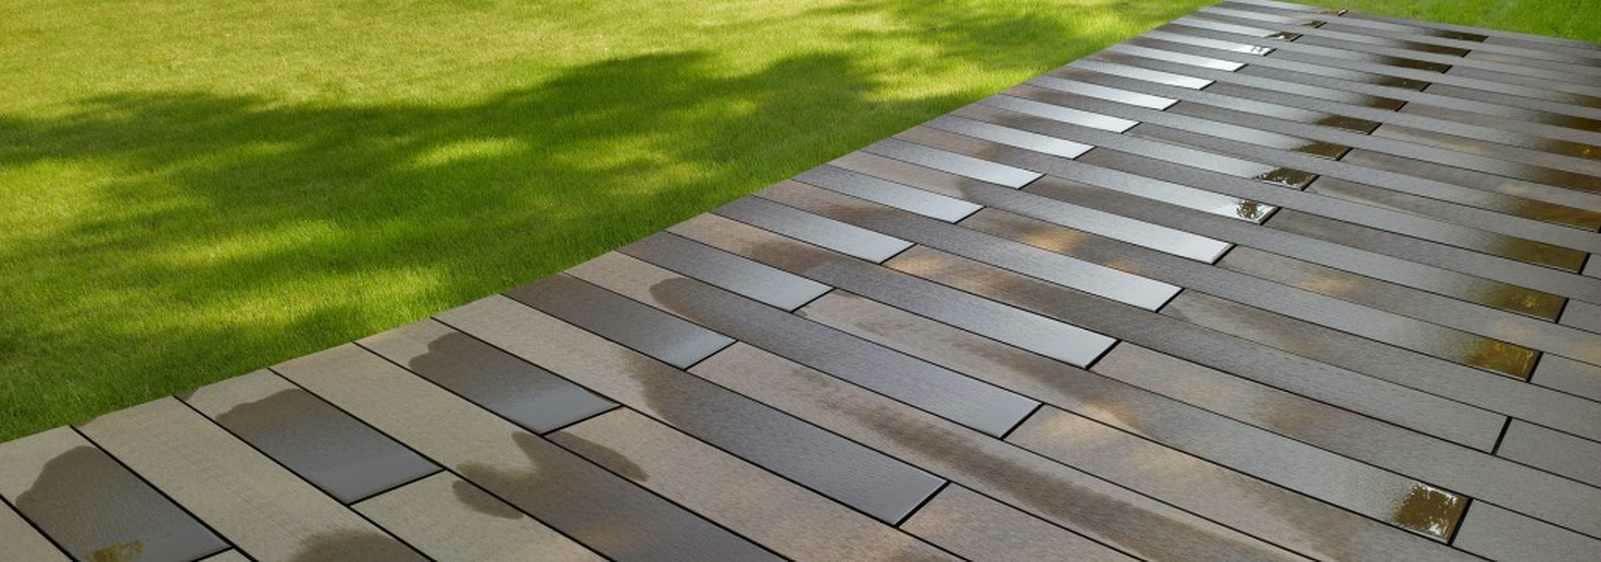 einwood-composite-wood-decking-slider